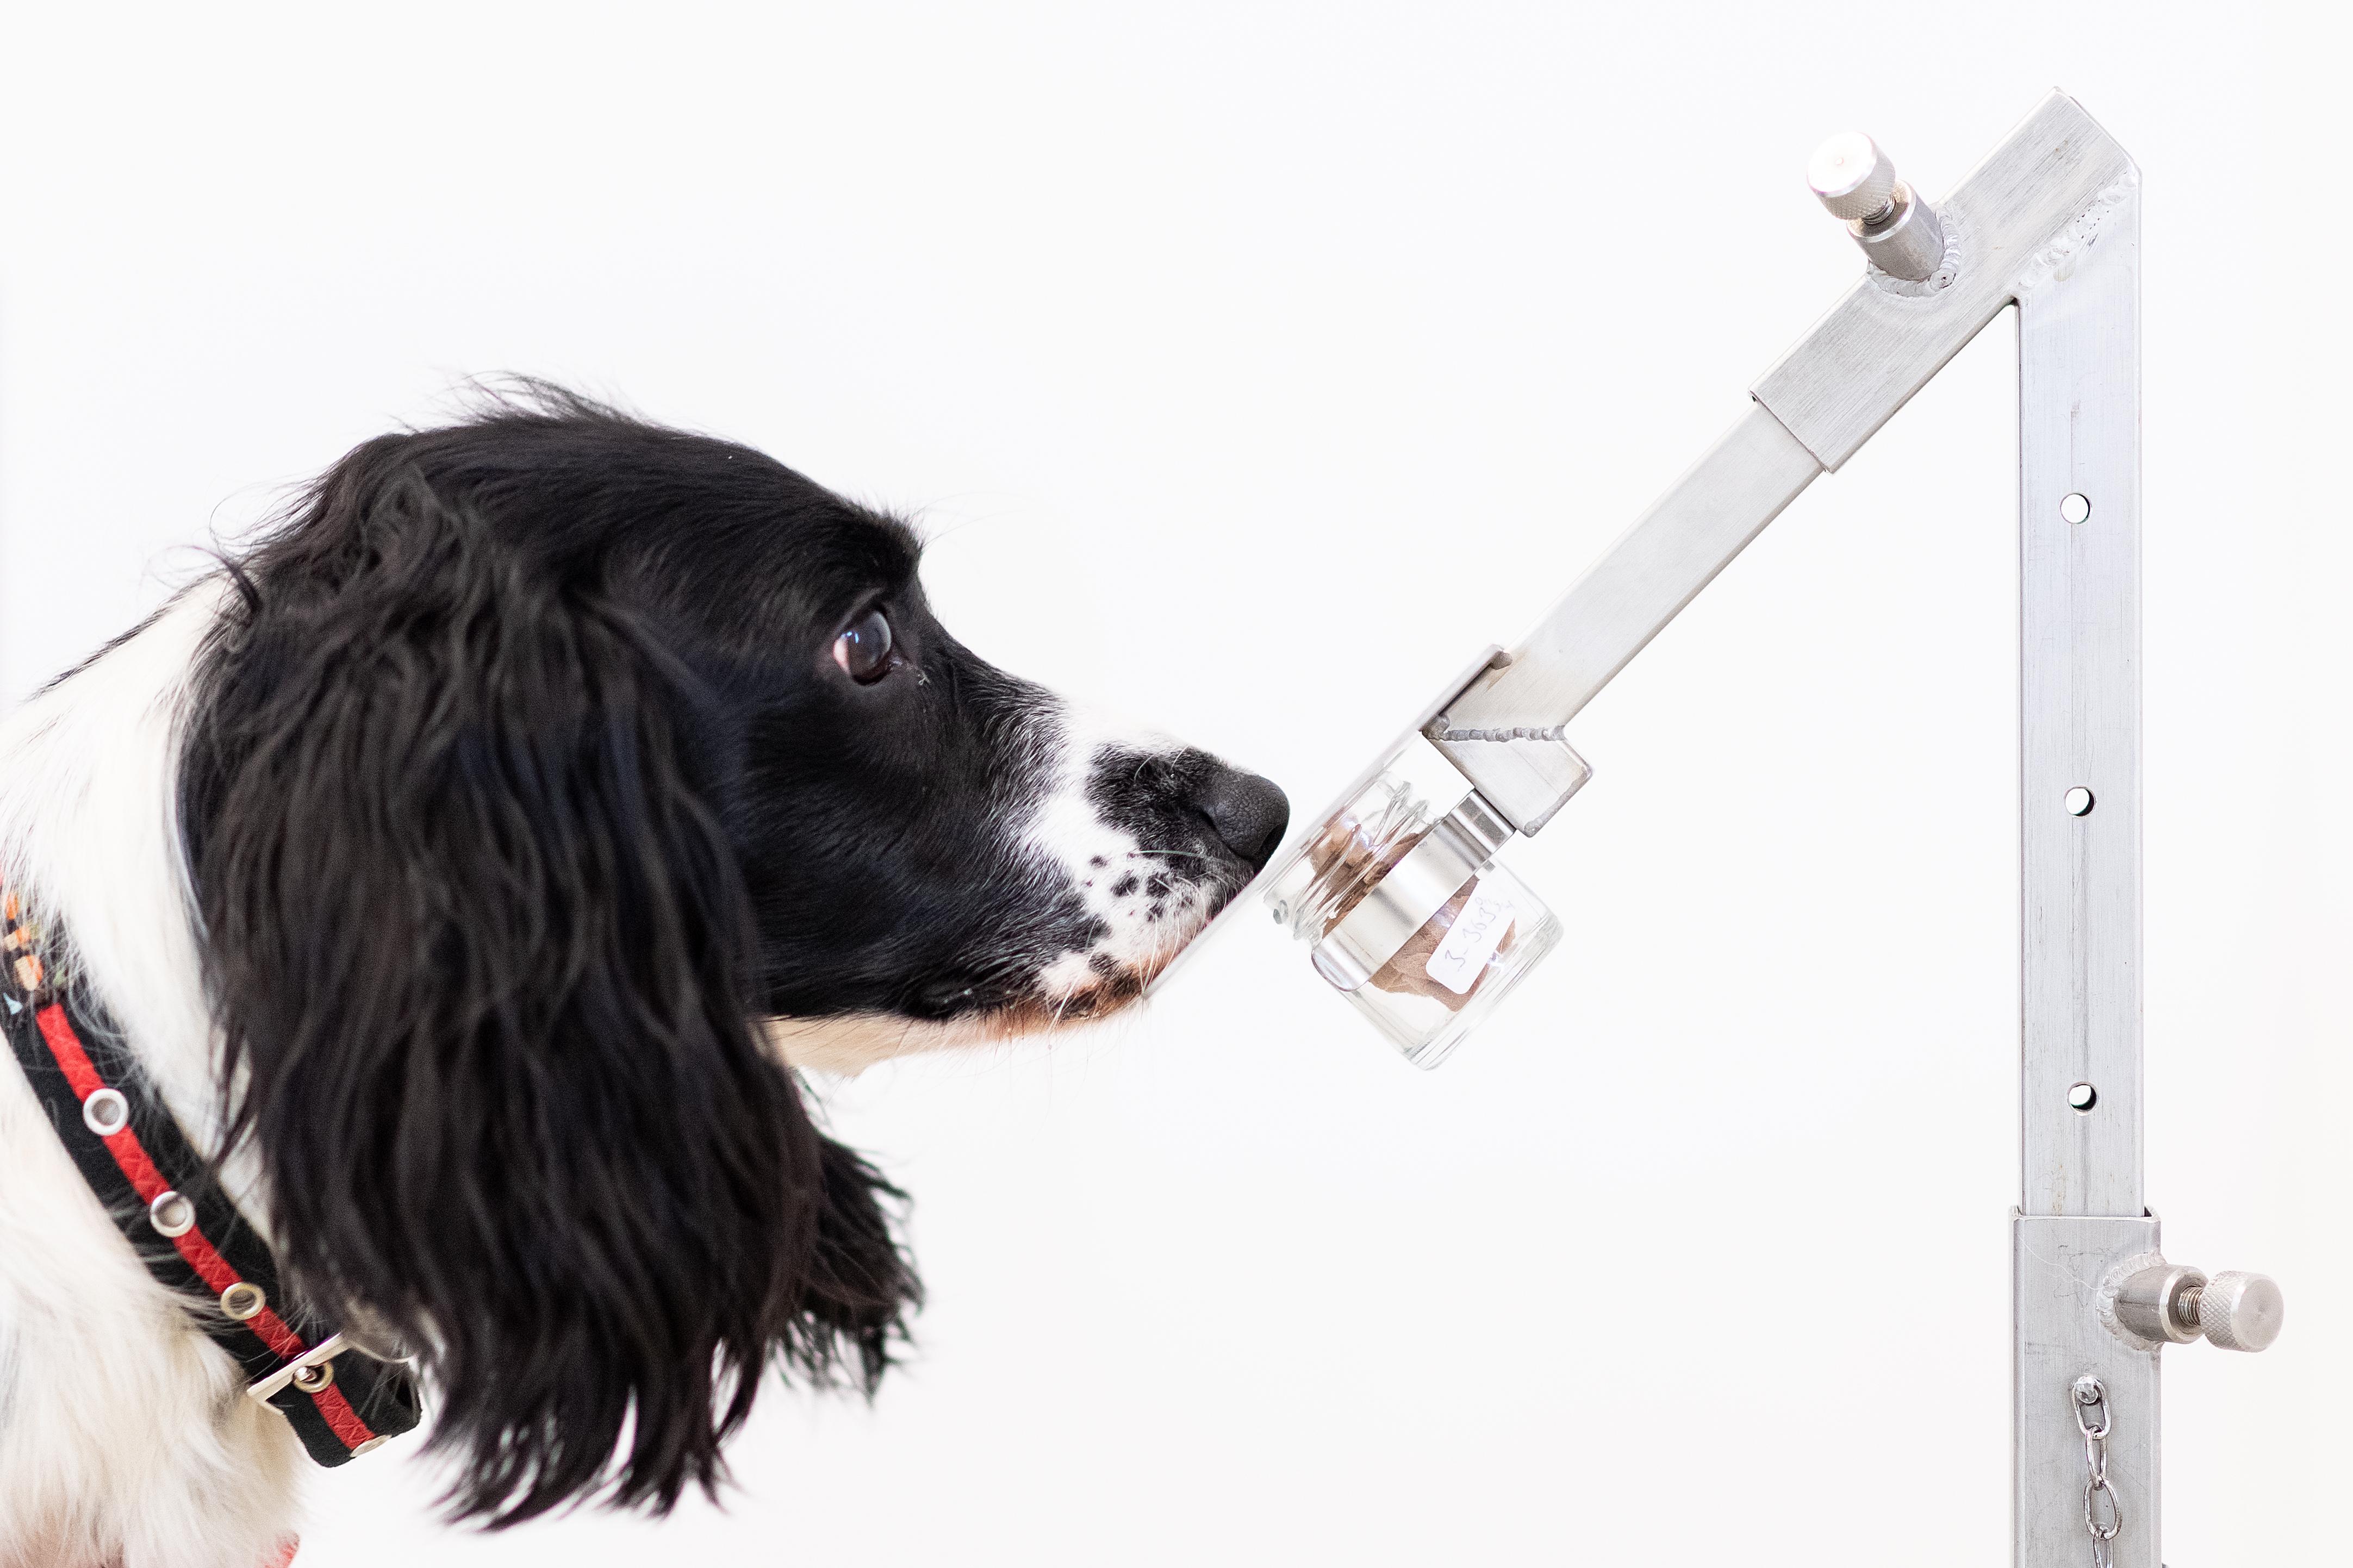 virus-sniffing dog